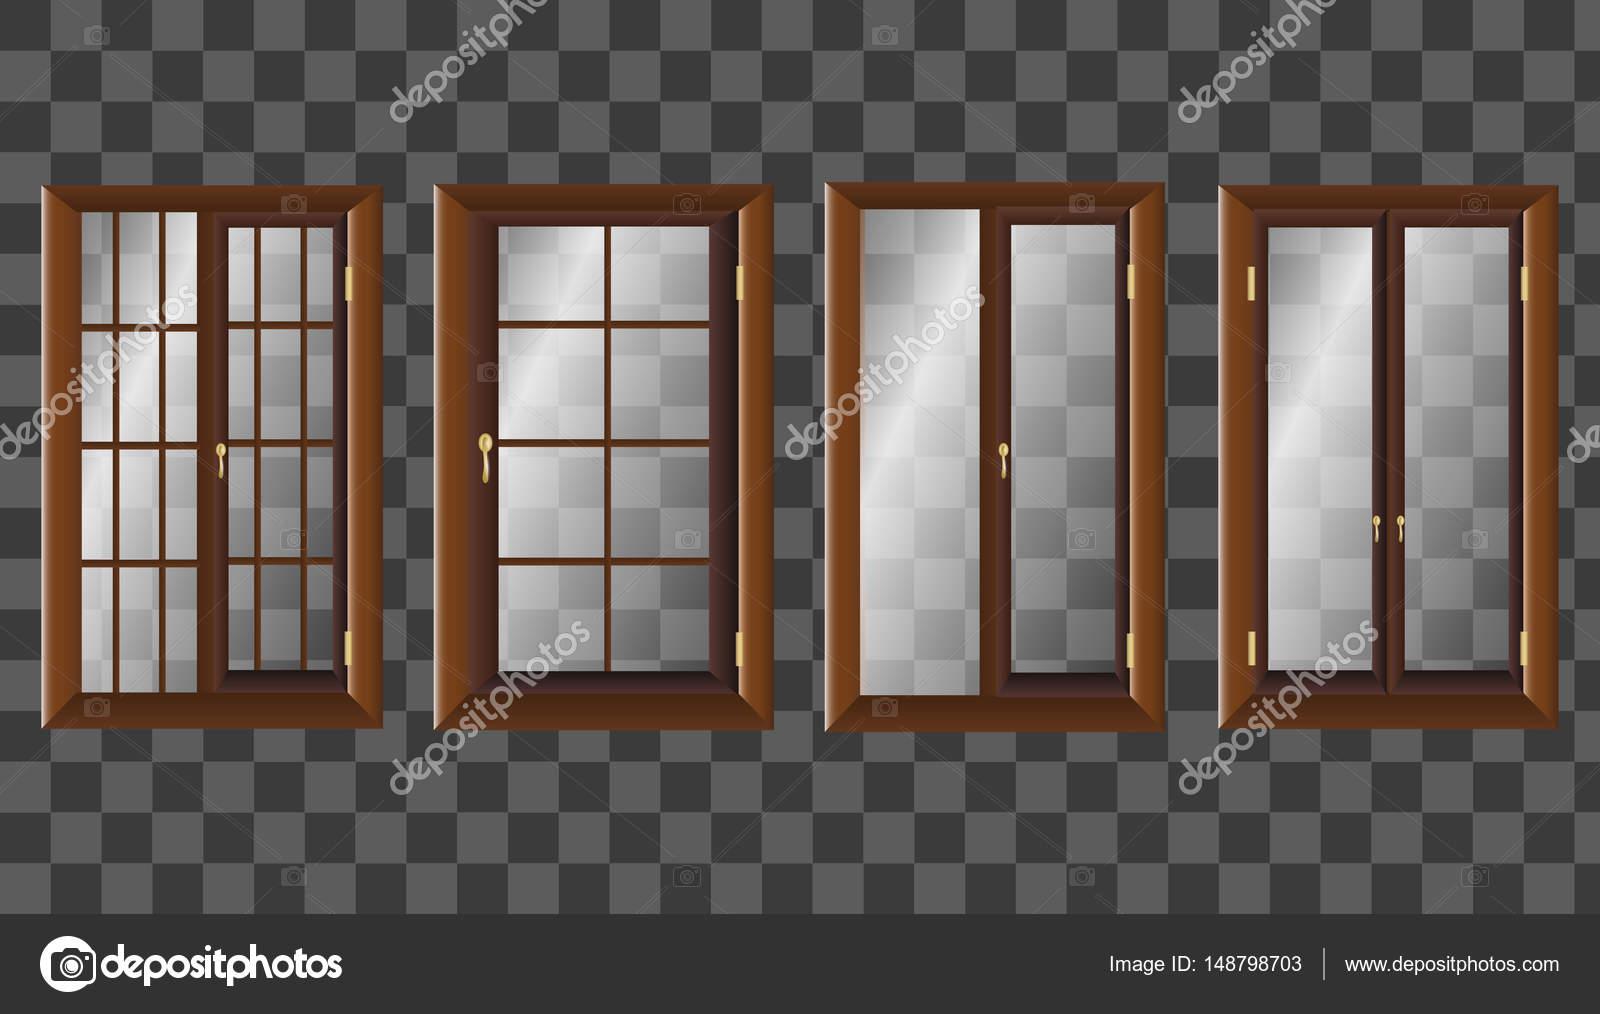 透明なガラスとモダンな木製ワイド スライディング ウィンドウベクトル